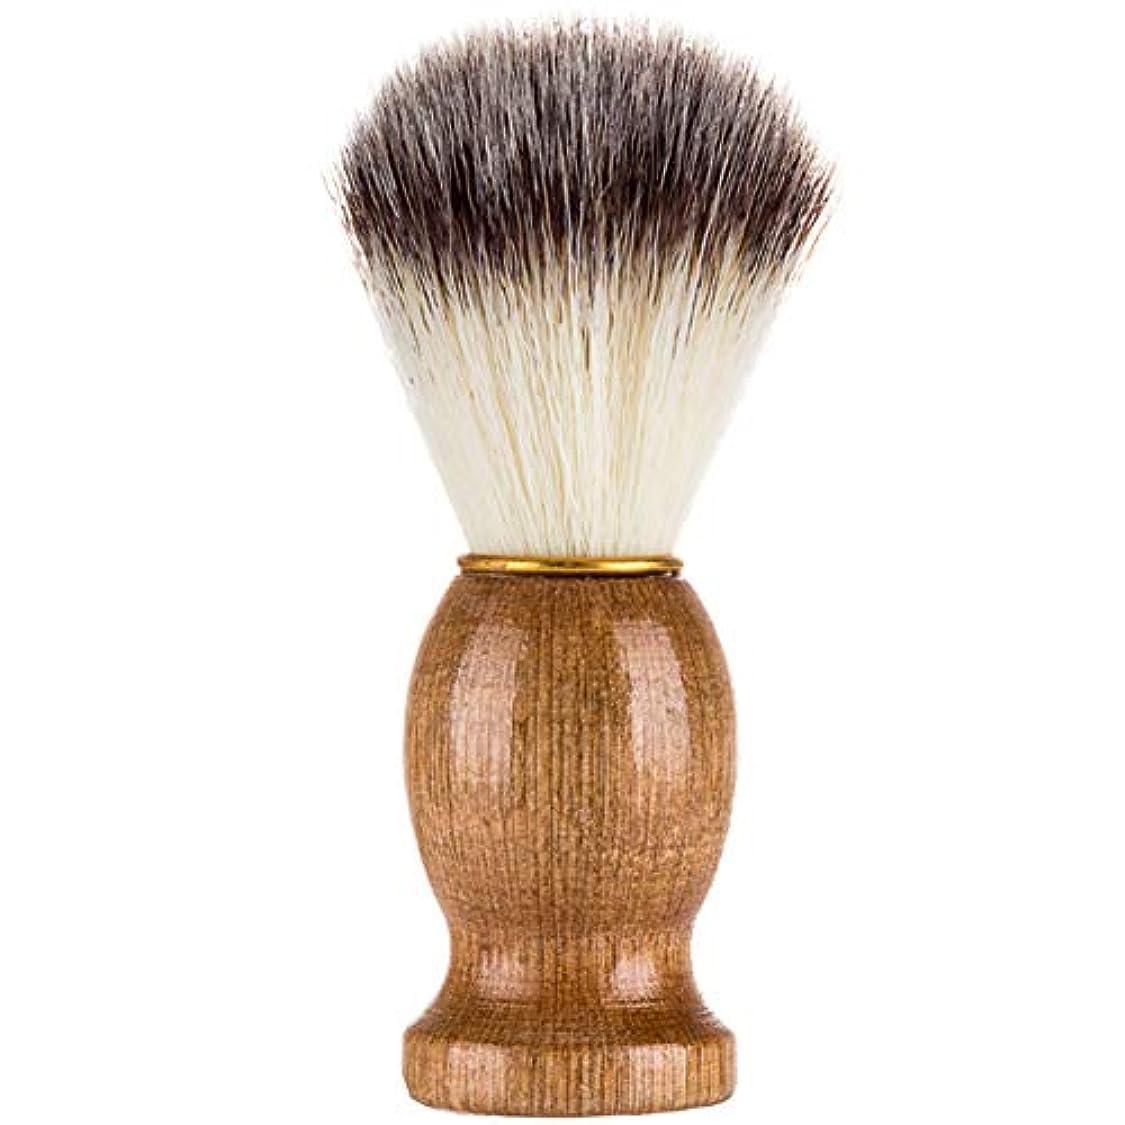 そこから無許可ペックlzndeal シェービングブラシ シェービングブラシ 男性用シェービングブラシシェービングカミソリブラシ サロンバーツール 顔のあご髭シェービング用品